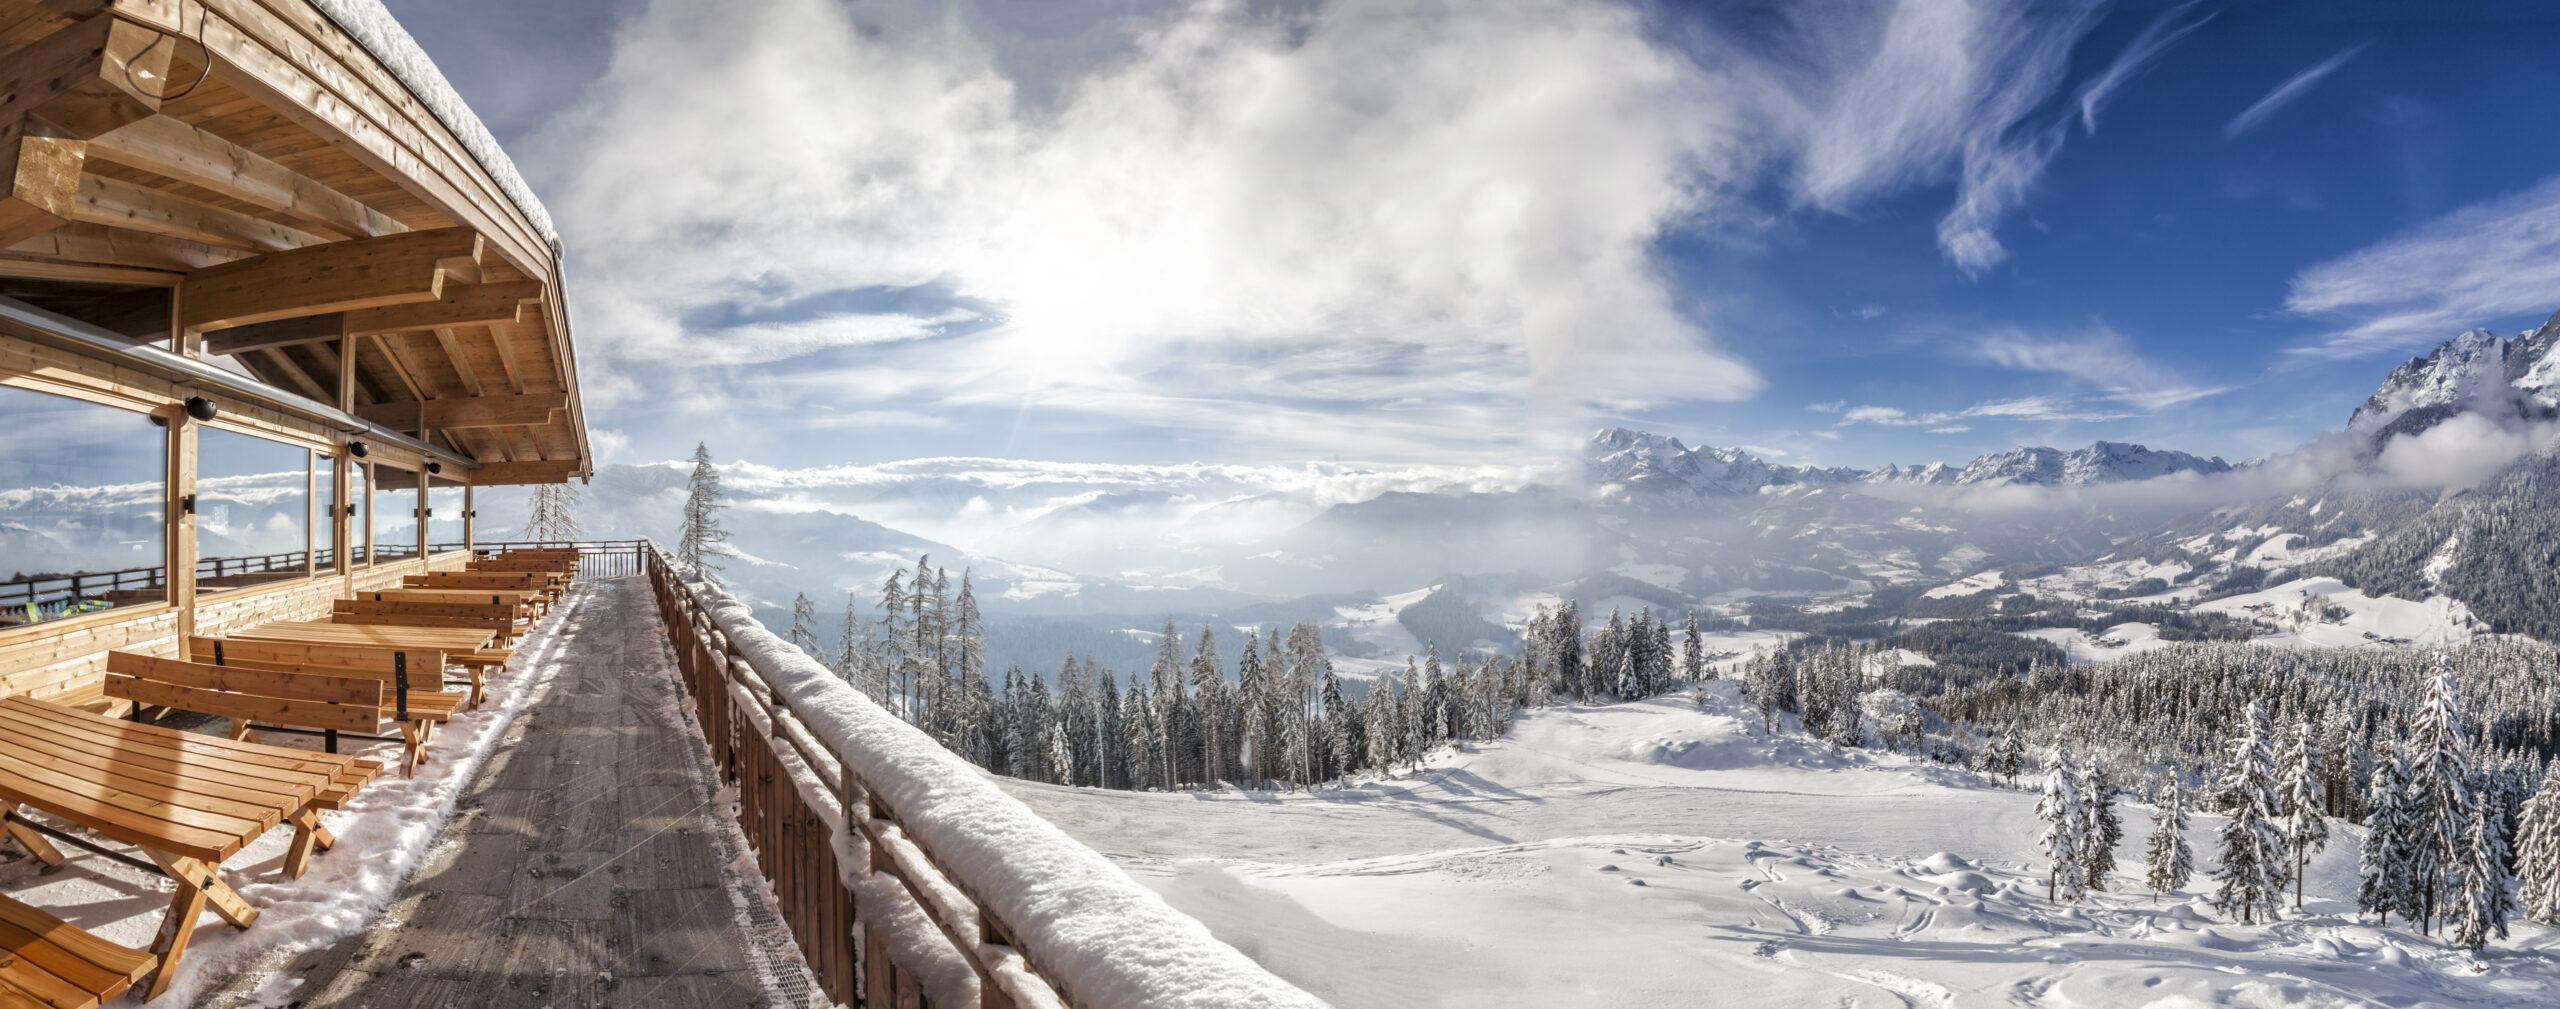 Ski resort view of snow filled land